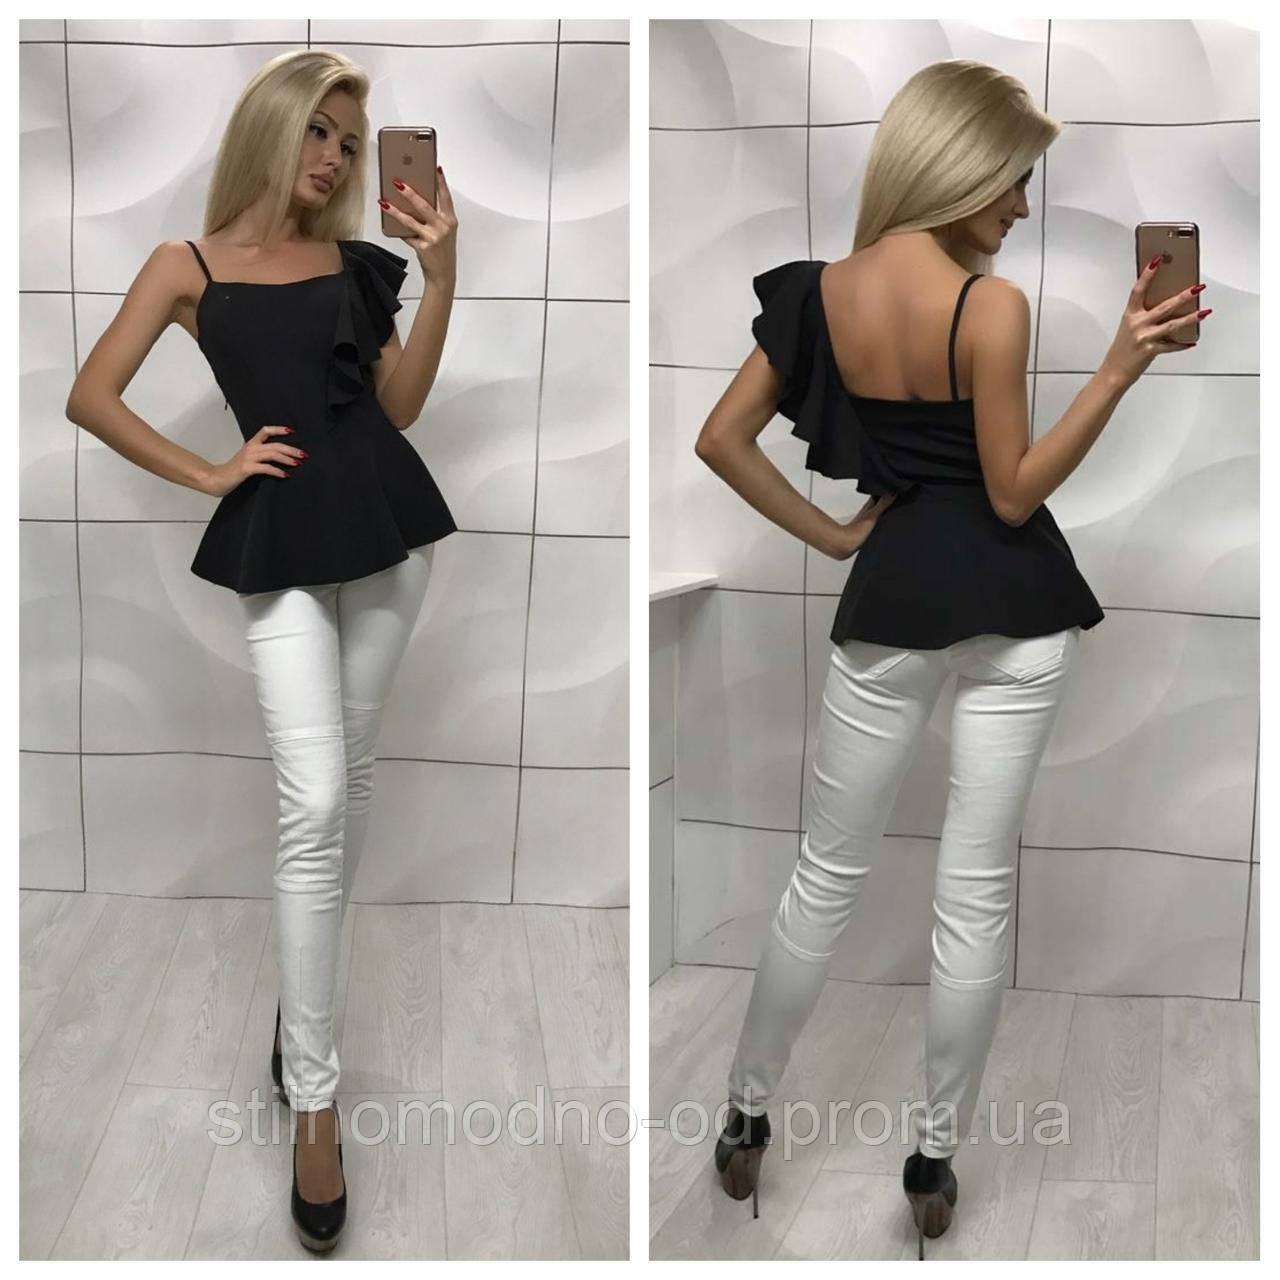 Модная женская блуза от Стильномодно